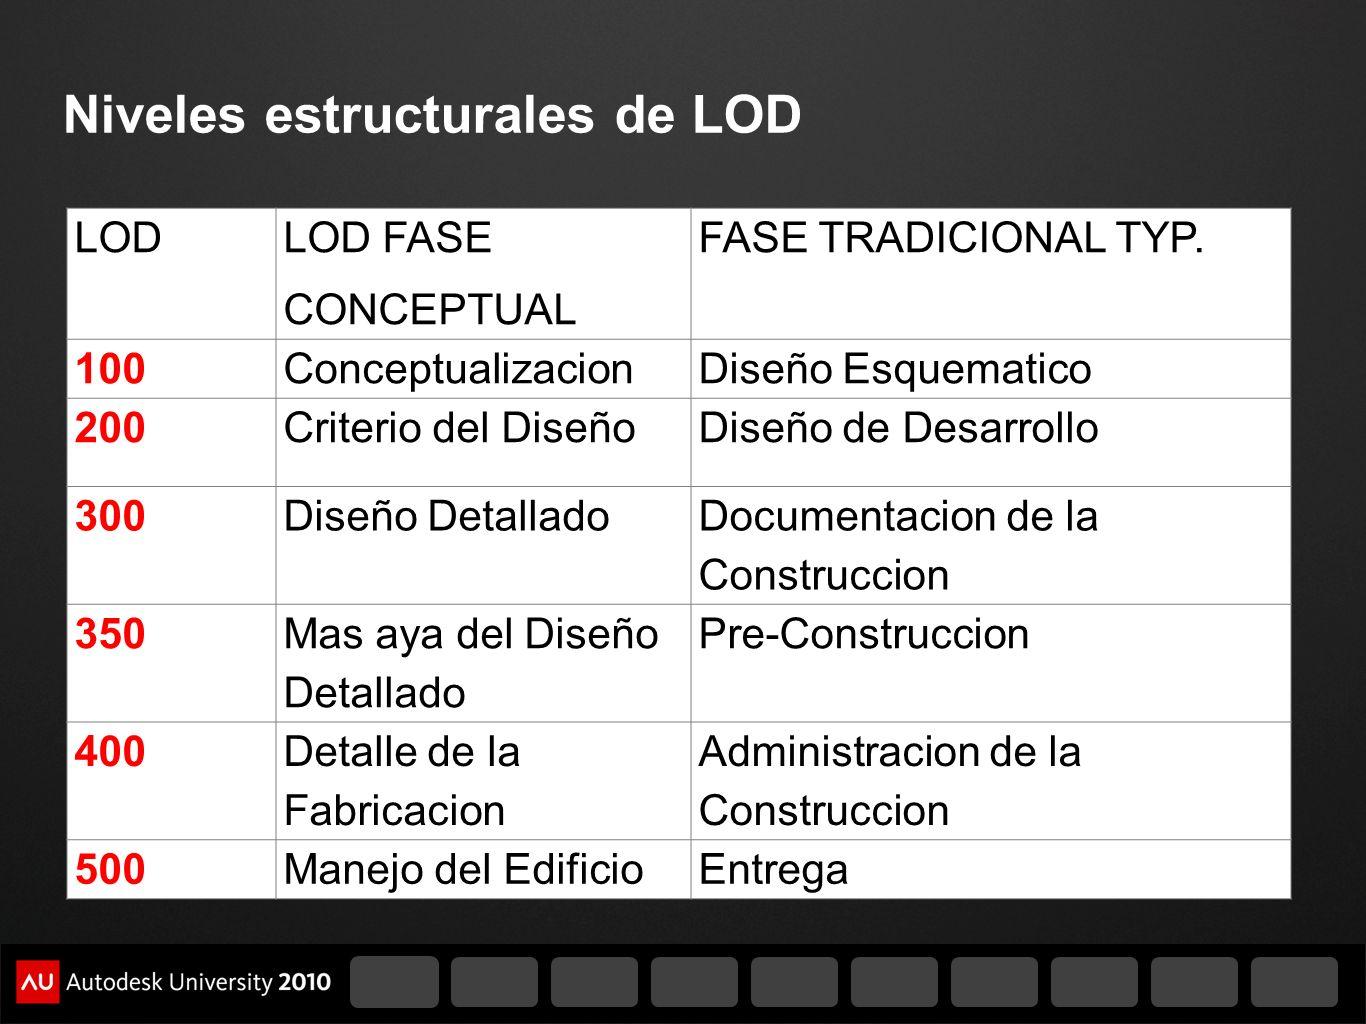 Niveles estructurales de LOD